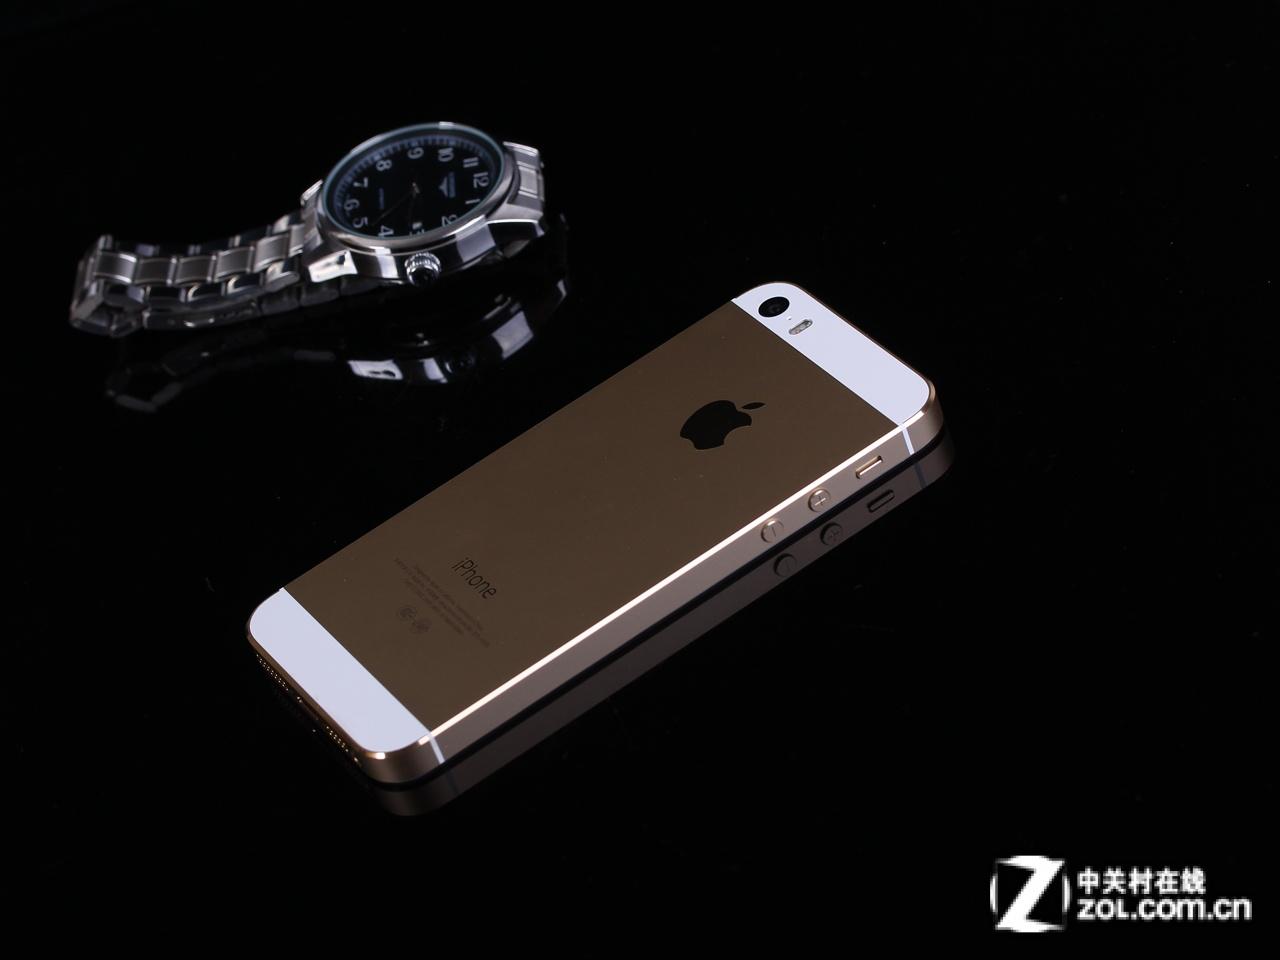 苹果/图为苹果iPhone 5s